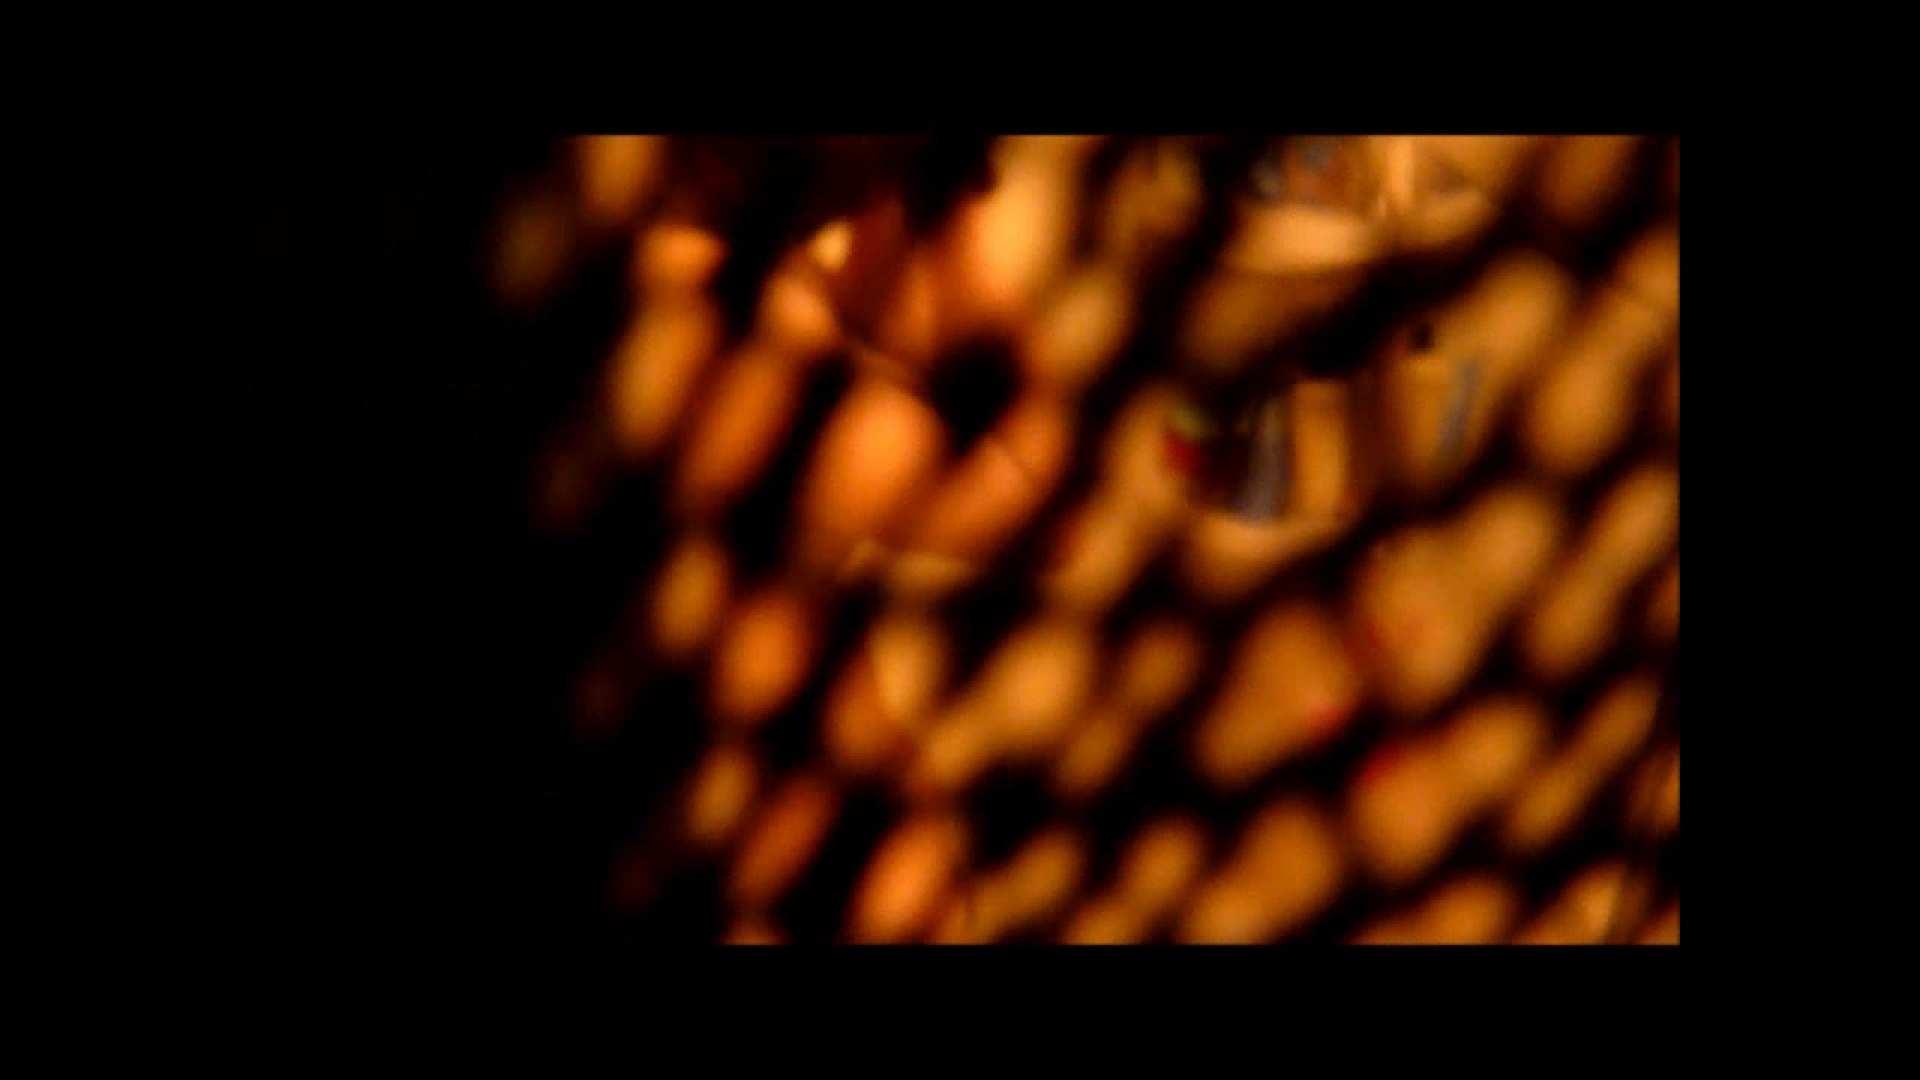 【02】ベランダに侵入して張り込みを始めて・・・やっと結果が出ました。 家宅侵入 | 0  82画像 10